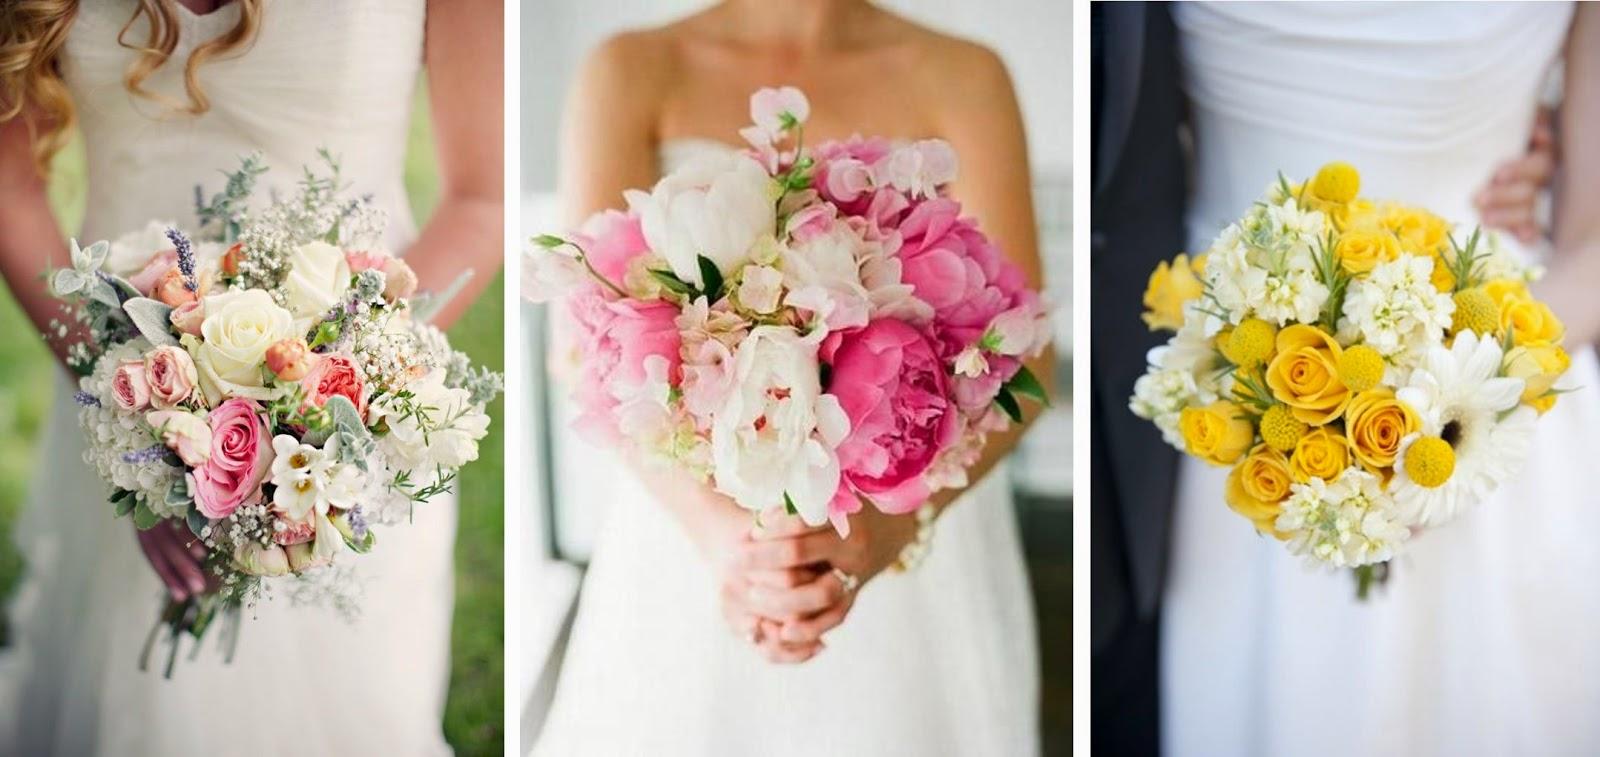 sélection bouquets de mariée de couleur fuschia violet rose jaune moodboard inspiration